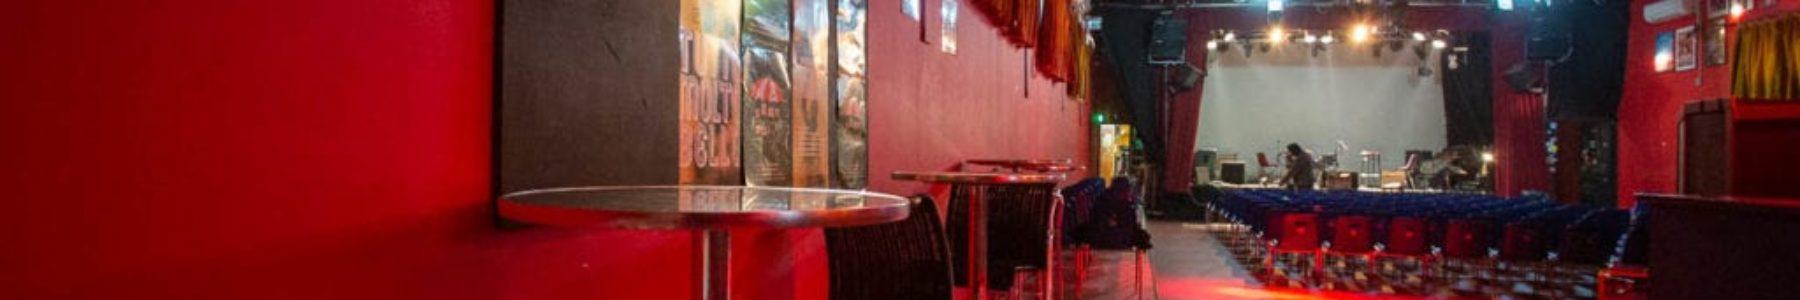 Viaggio nei live club bolognesi 'congelati' dalla pandemia – Agenzia DIRE